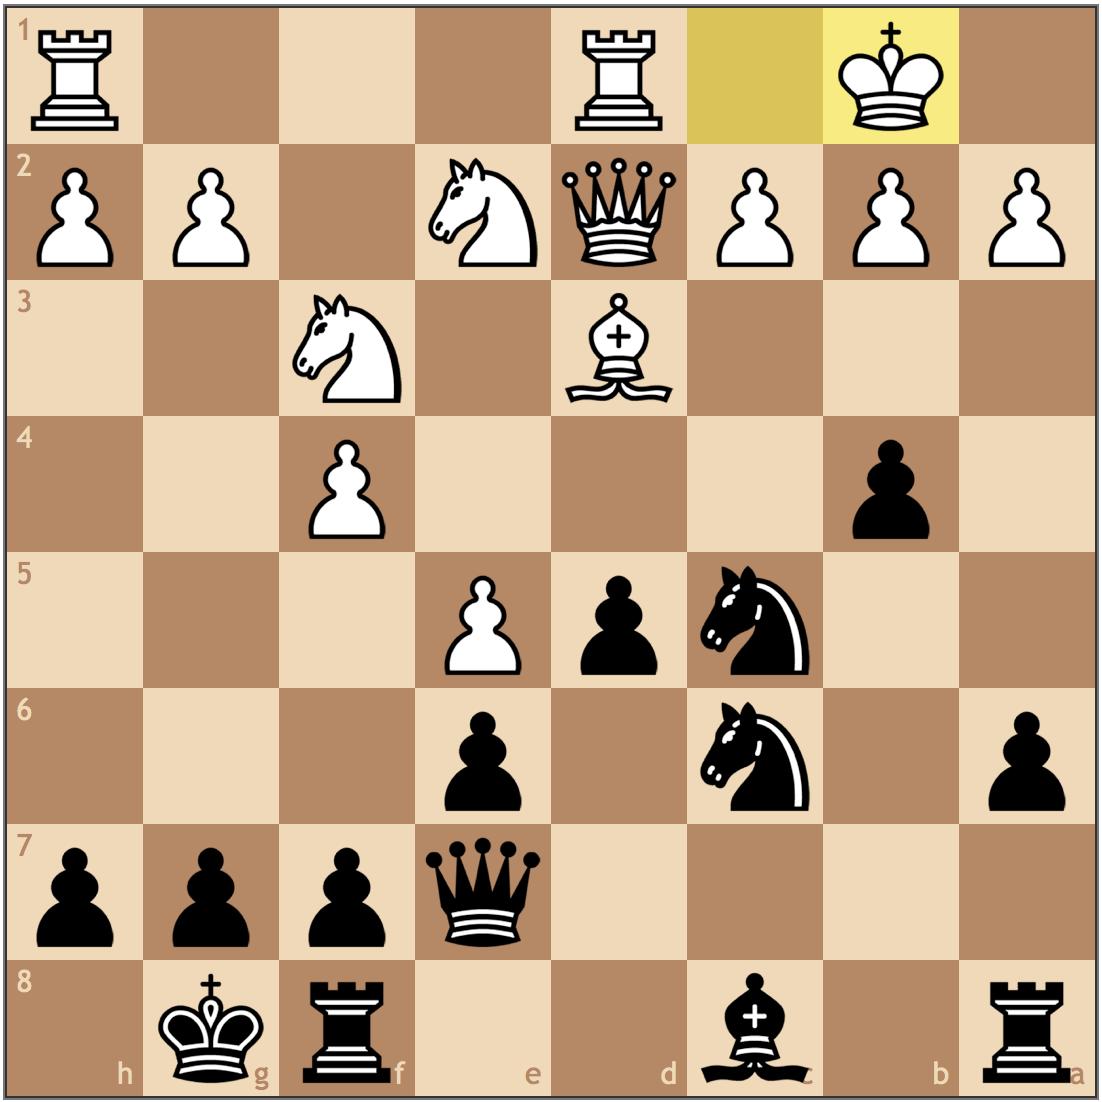 дебюты в шахматах с картинками нет